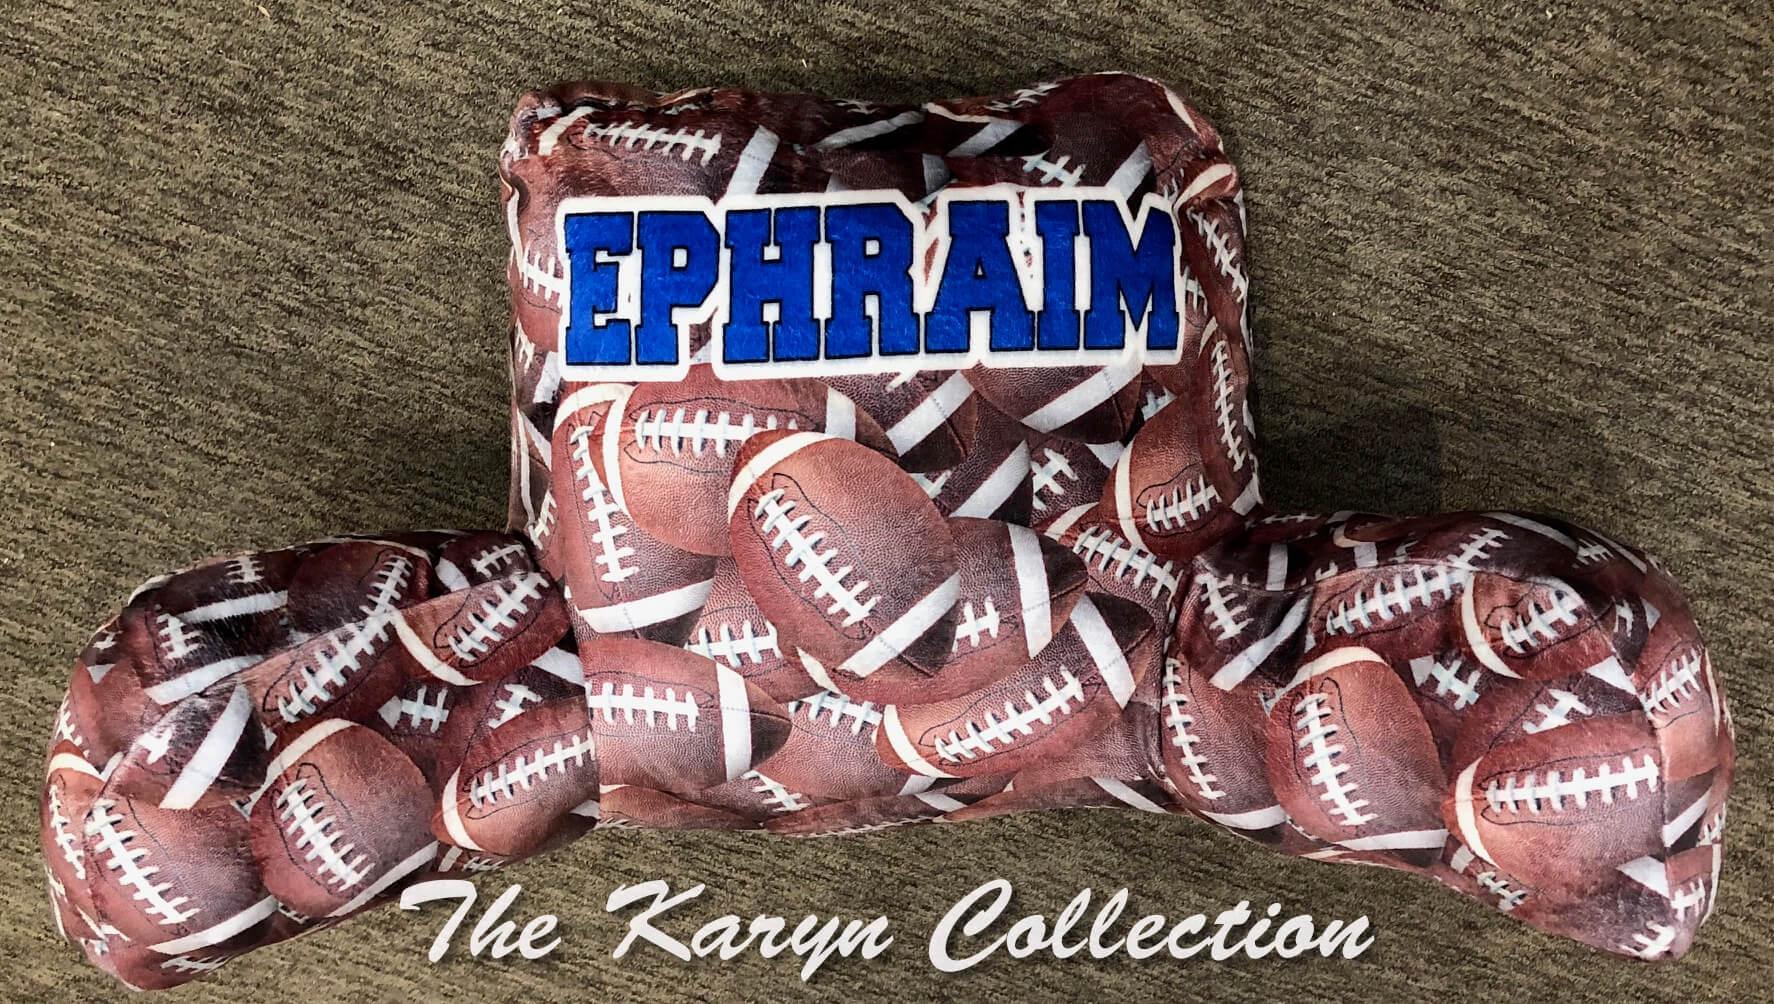 Ephraim's Football Study Pillow